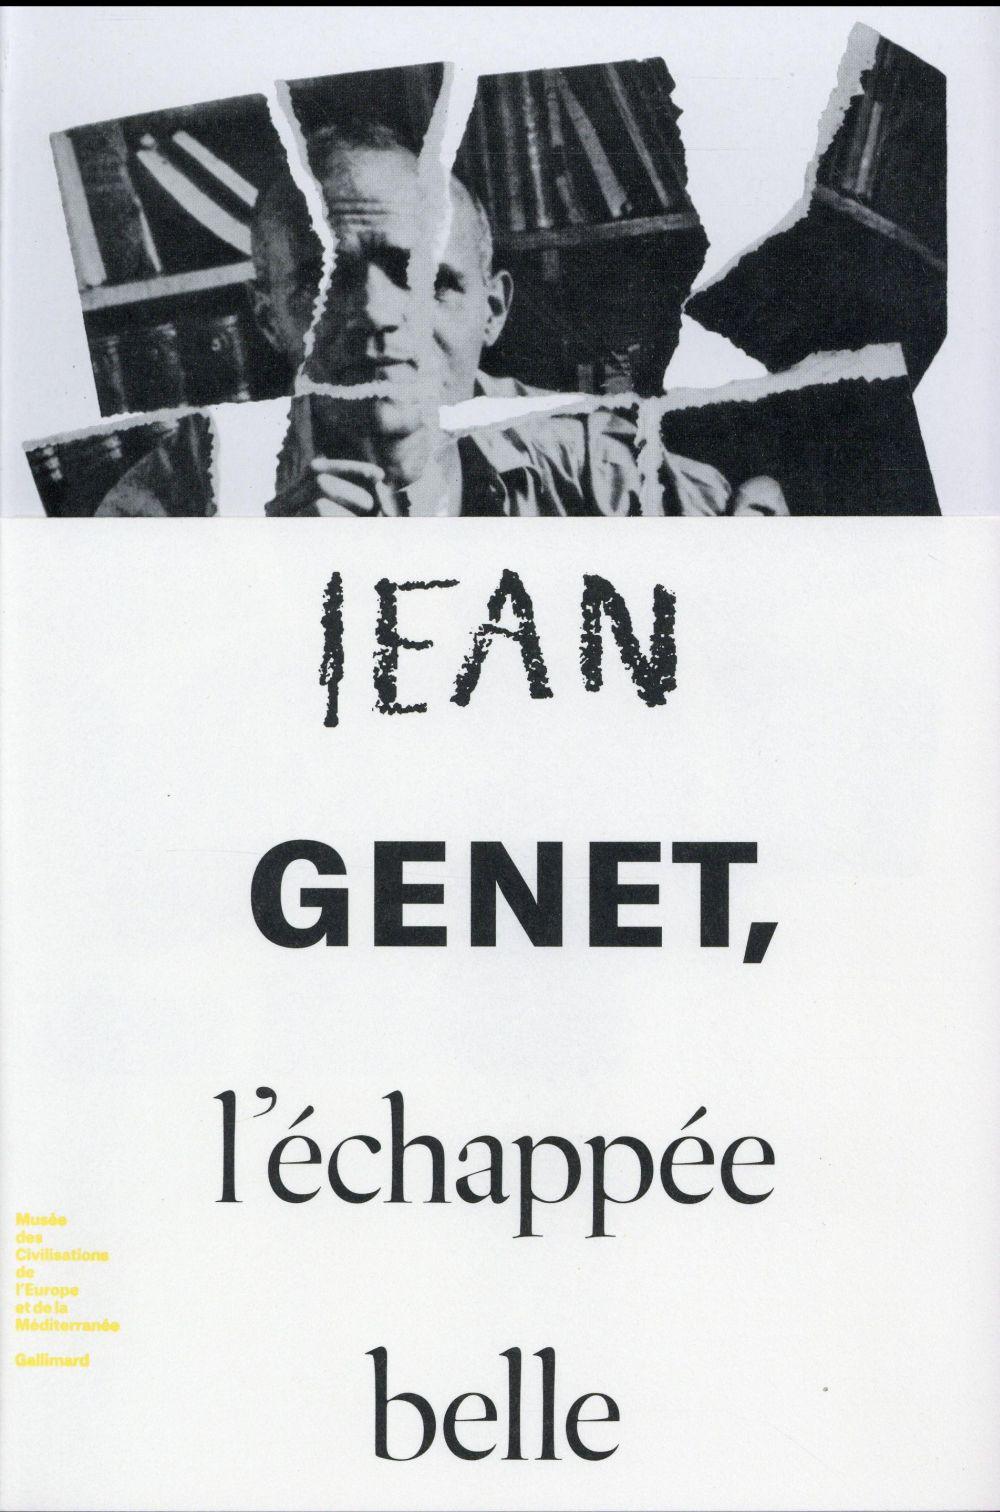 JEAN GENET, L'ECHAPPEE BELLE